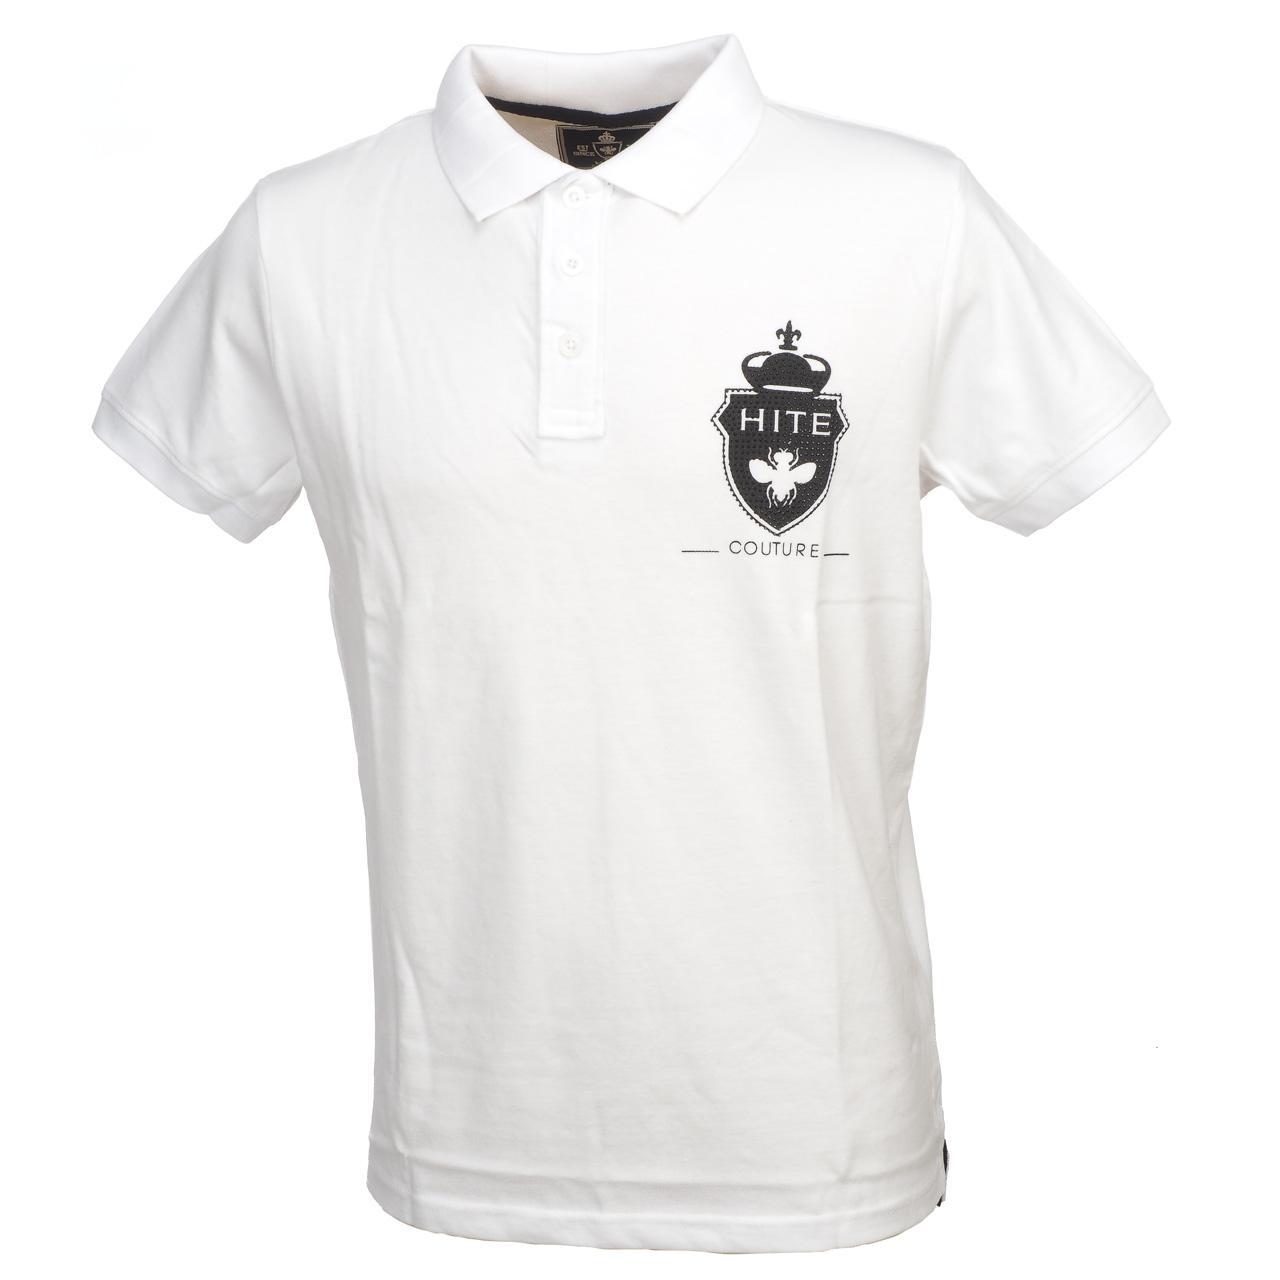 Short-Sleeve-Polo-Hite-Couture-Peltit-White-Mc-Polo-White-83128-New